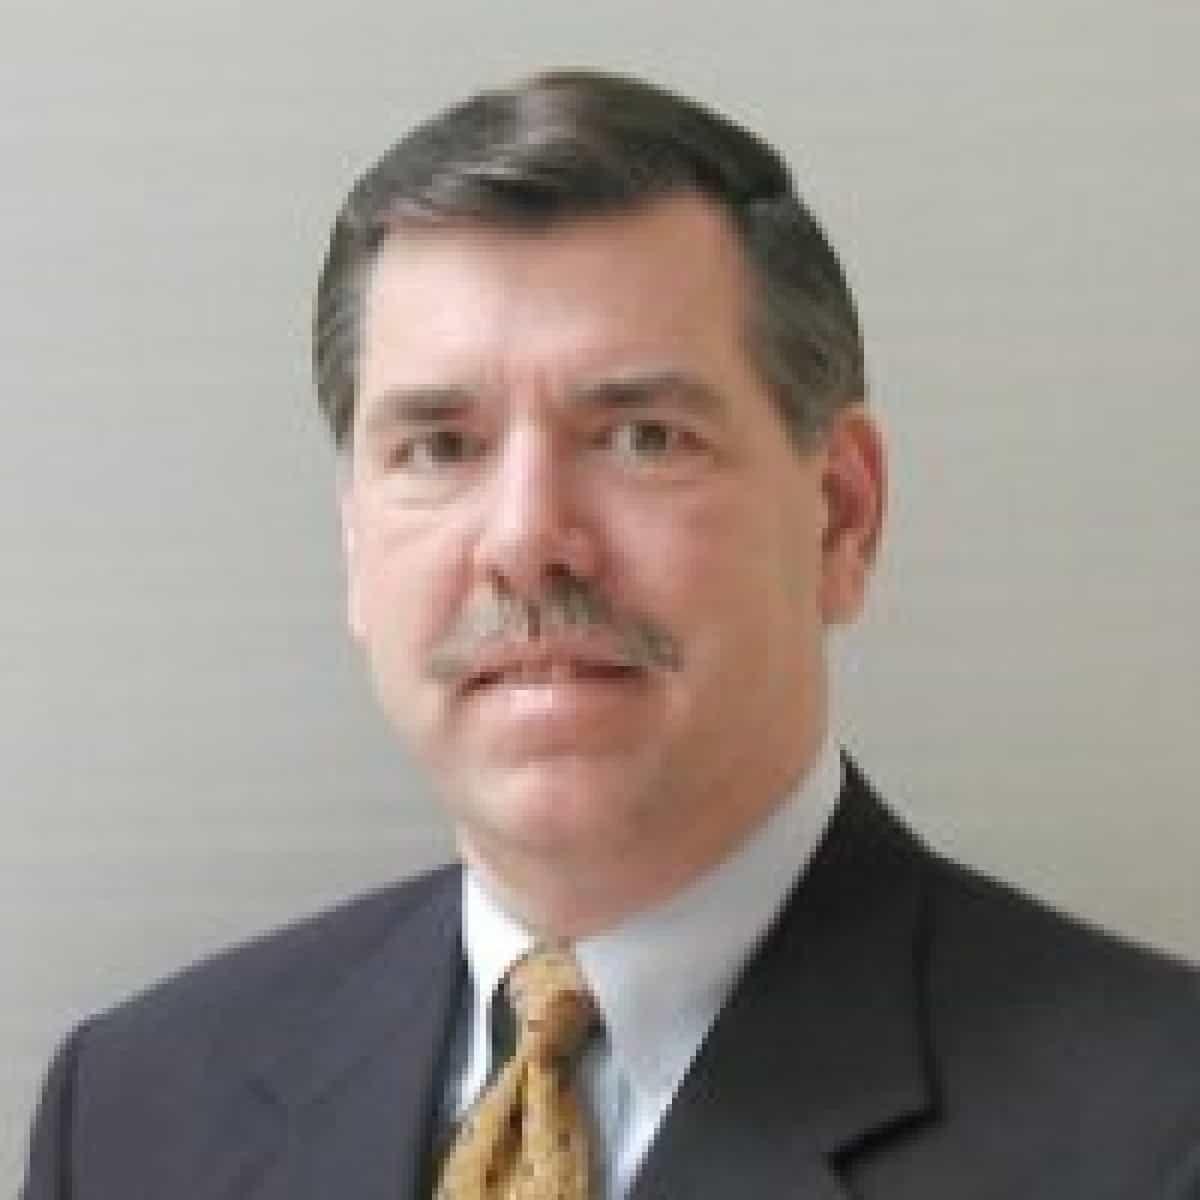 Gary Urbanowicz